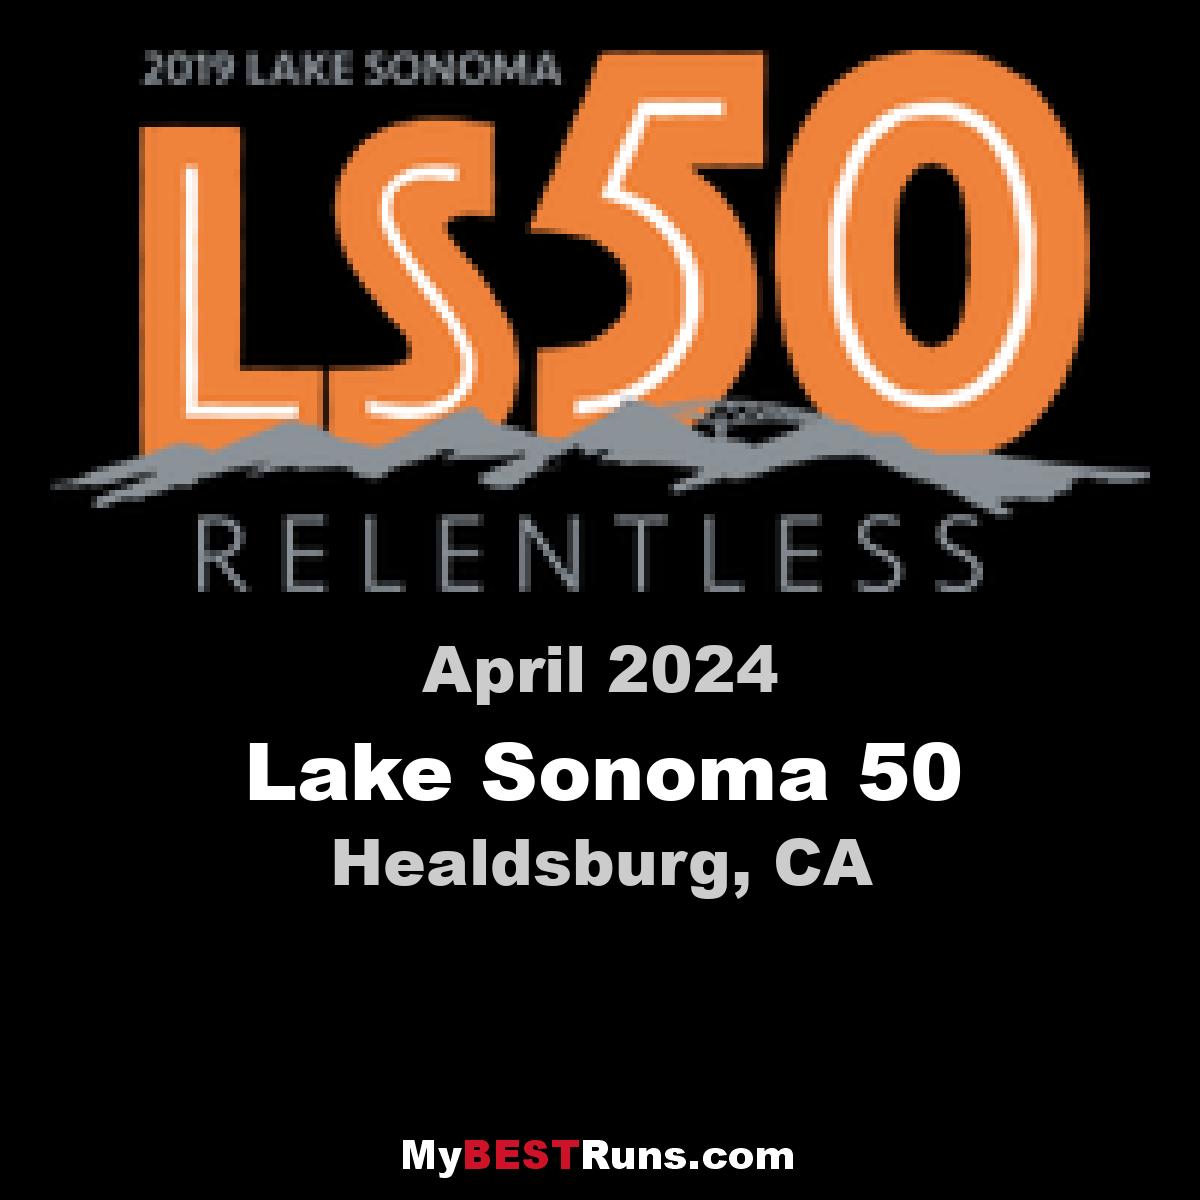 Lake Sonoma 50